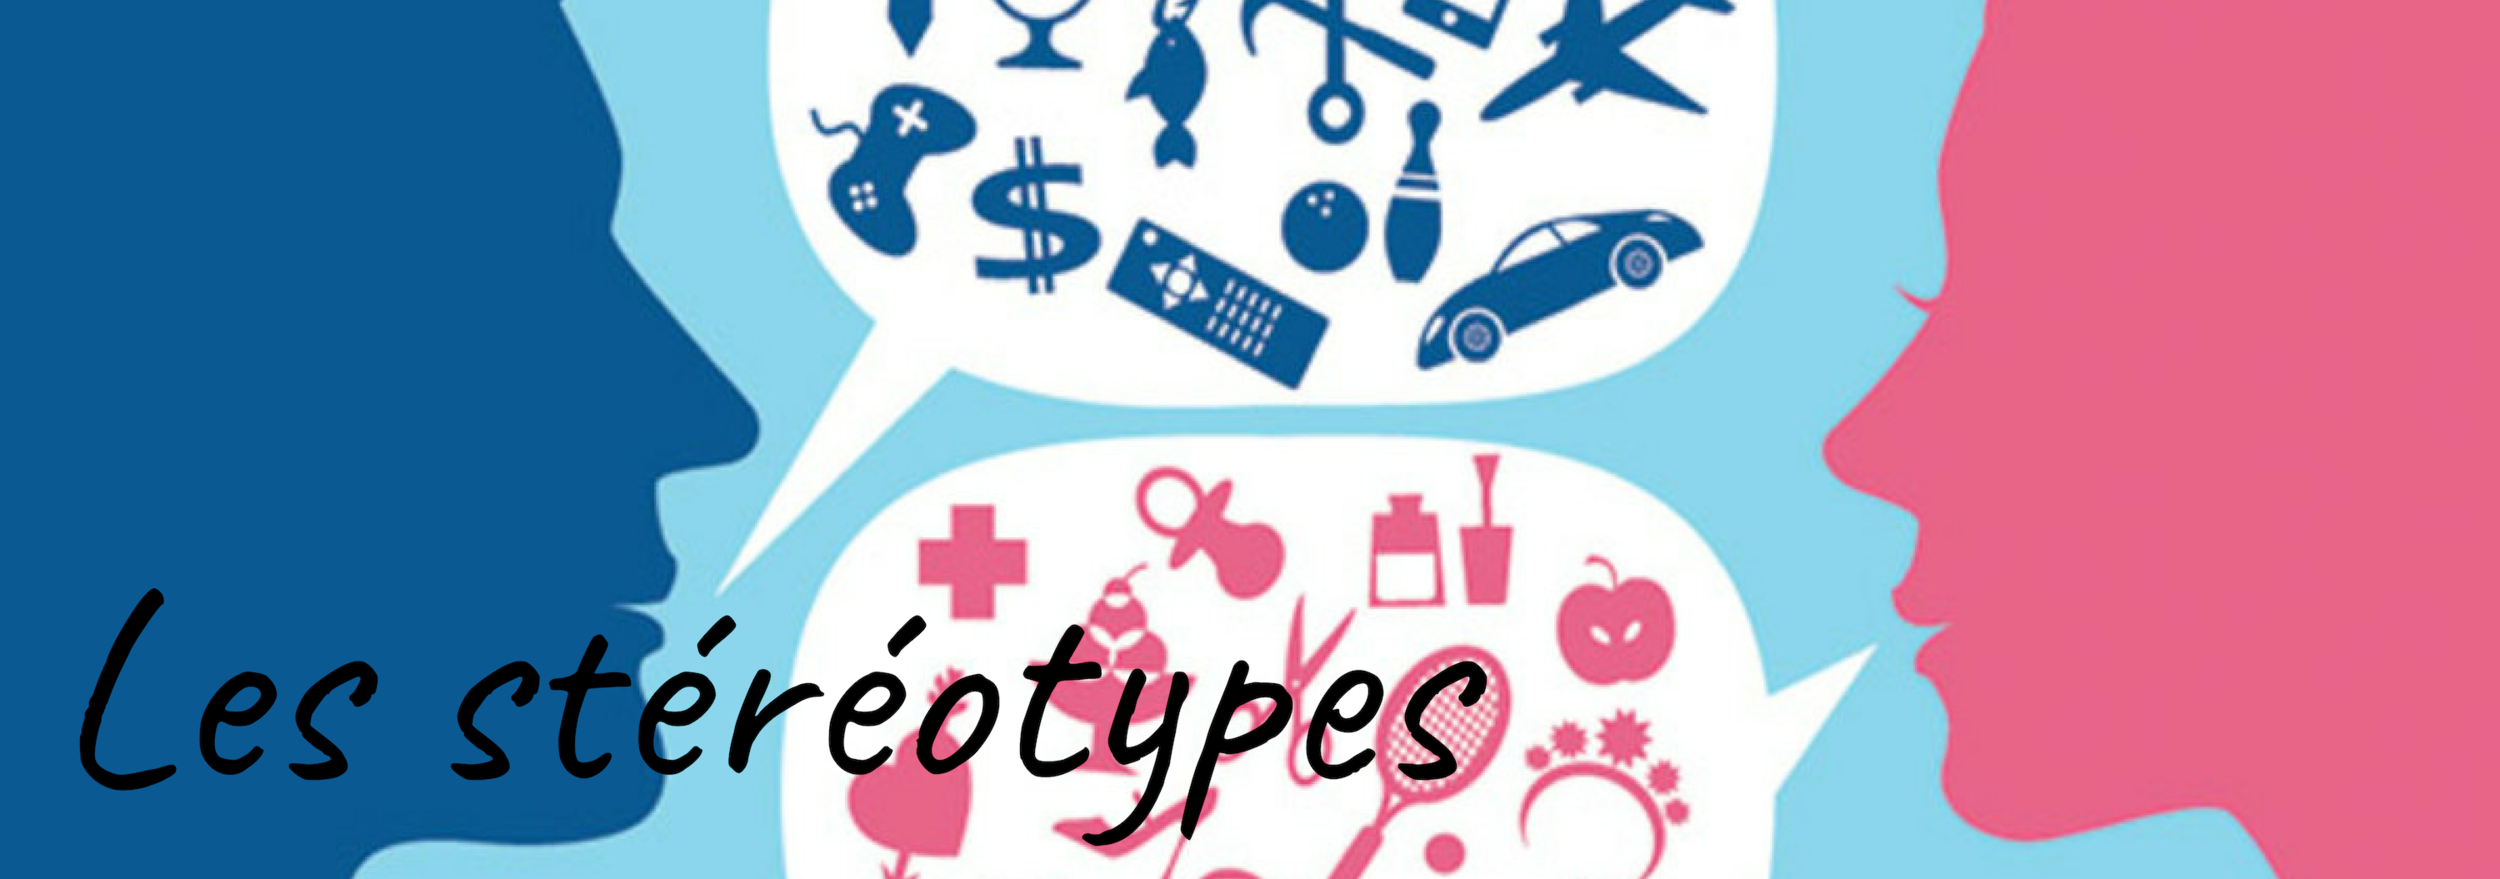 Les stéréotypes.png